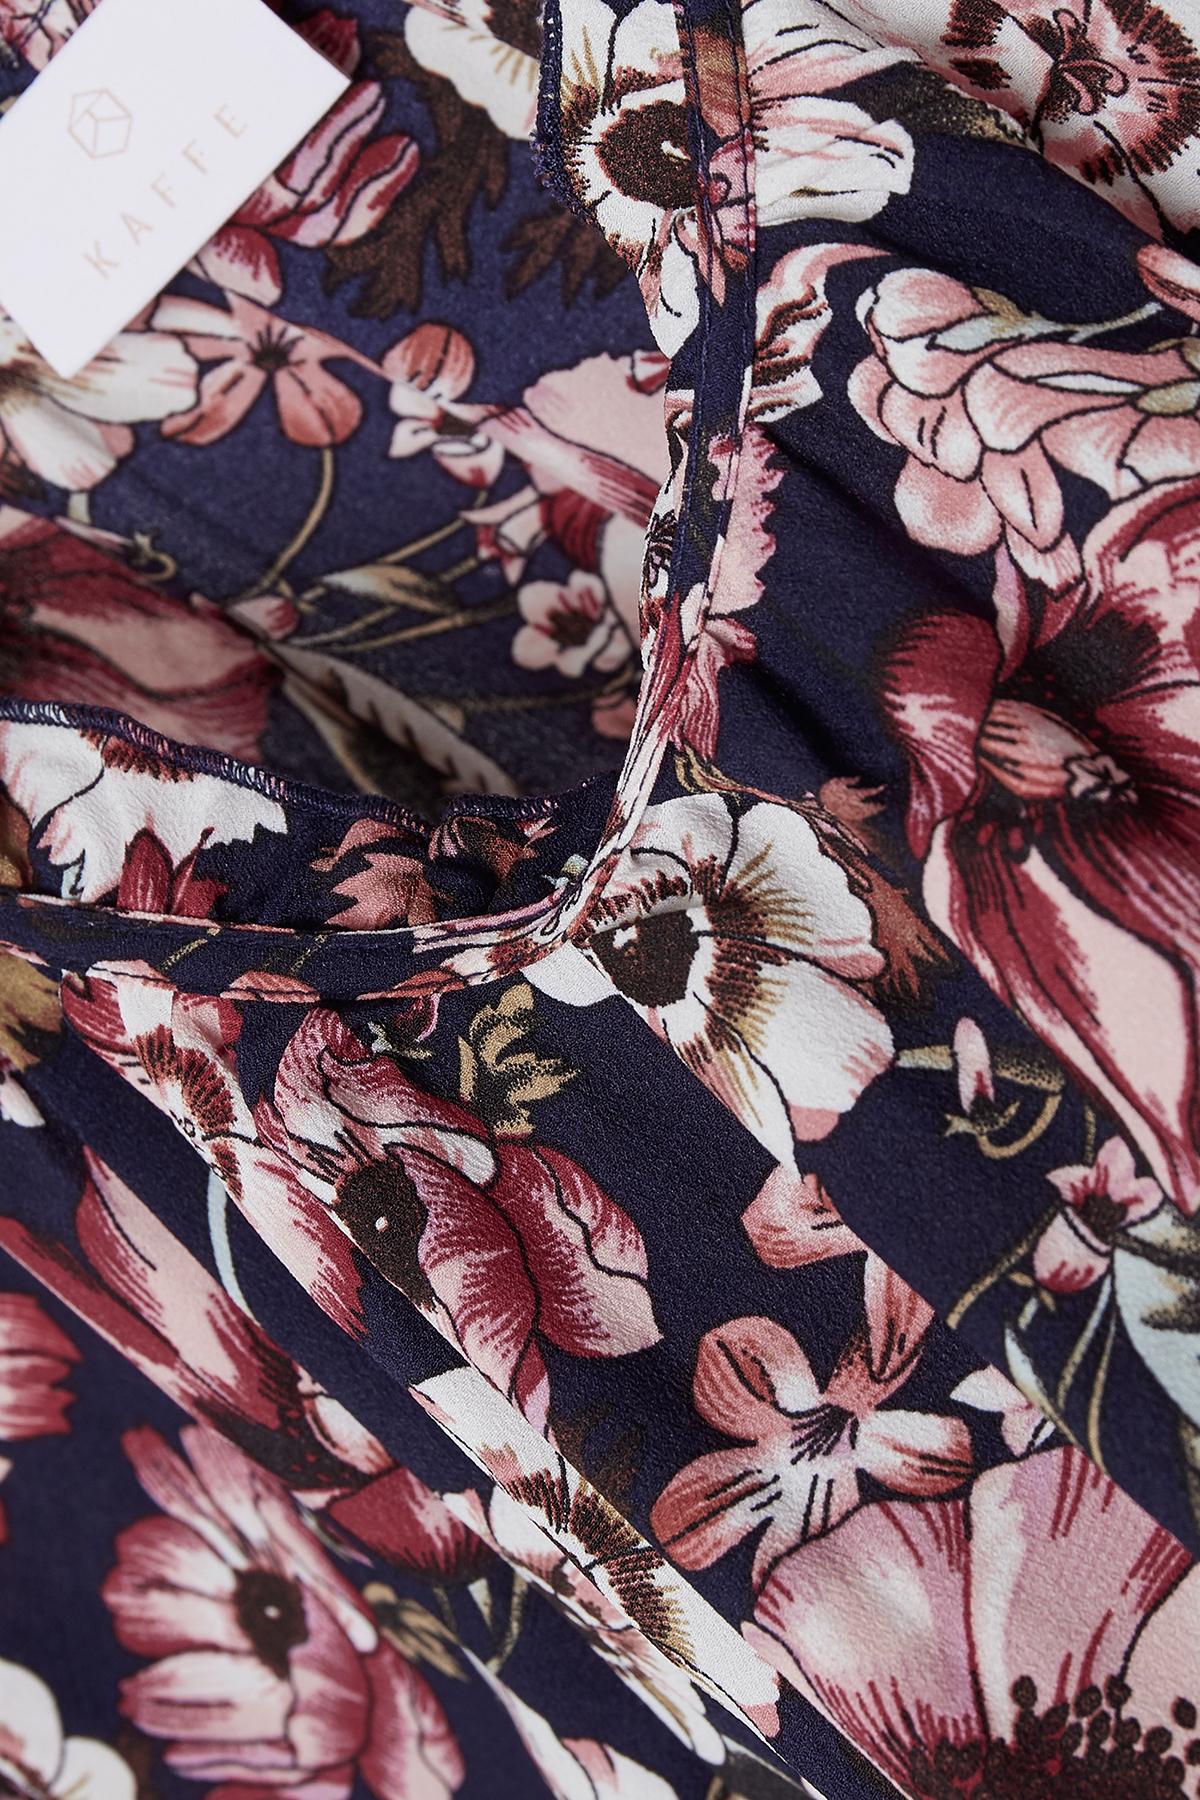 Rosa/marineblau Langarm-Bluse von Kaffe – Shoppen SieRosa/marineblau Langarm-Bluse ab Gr. 34-46 hier